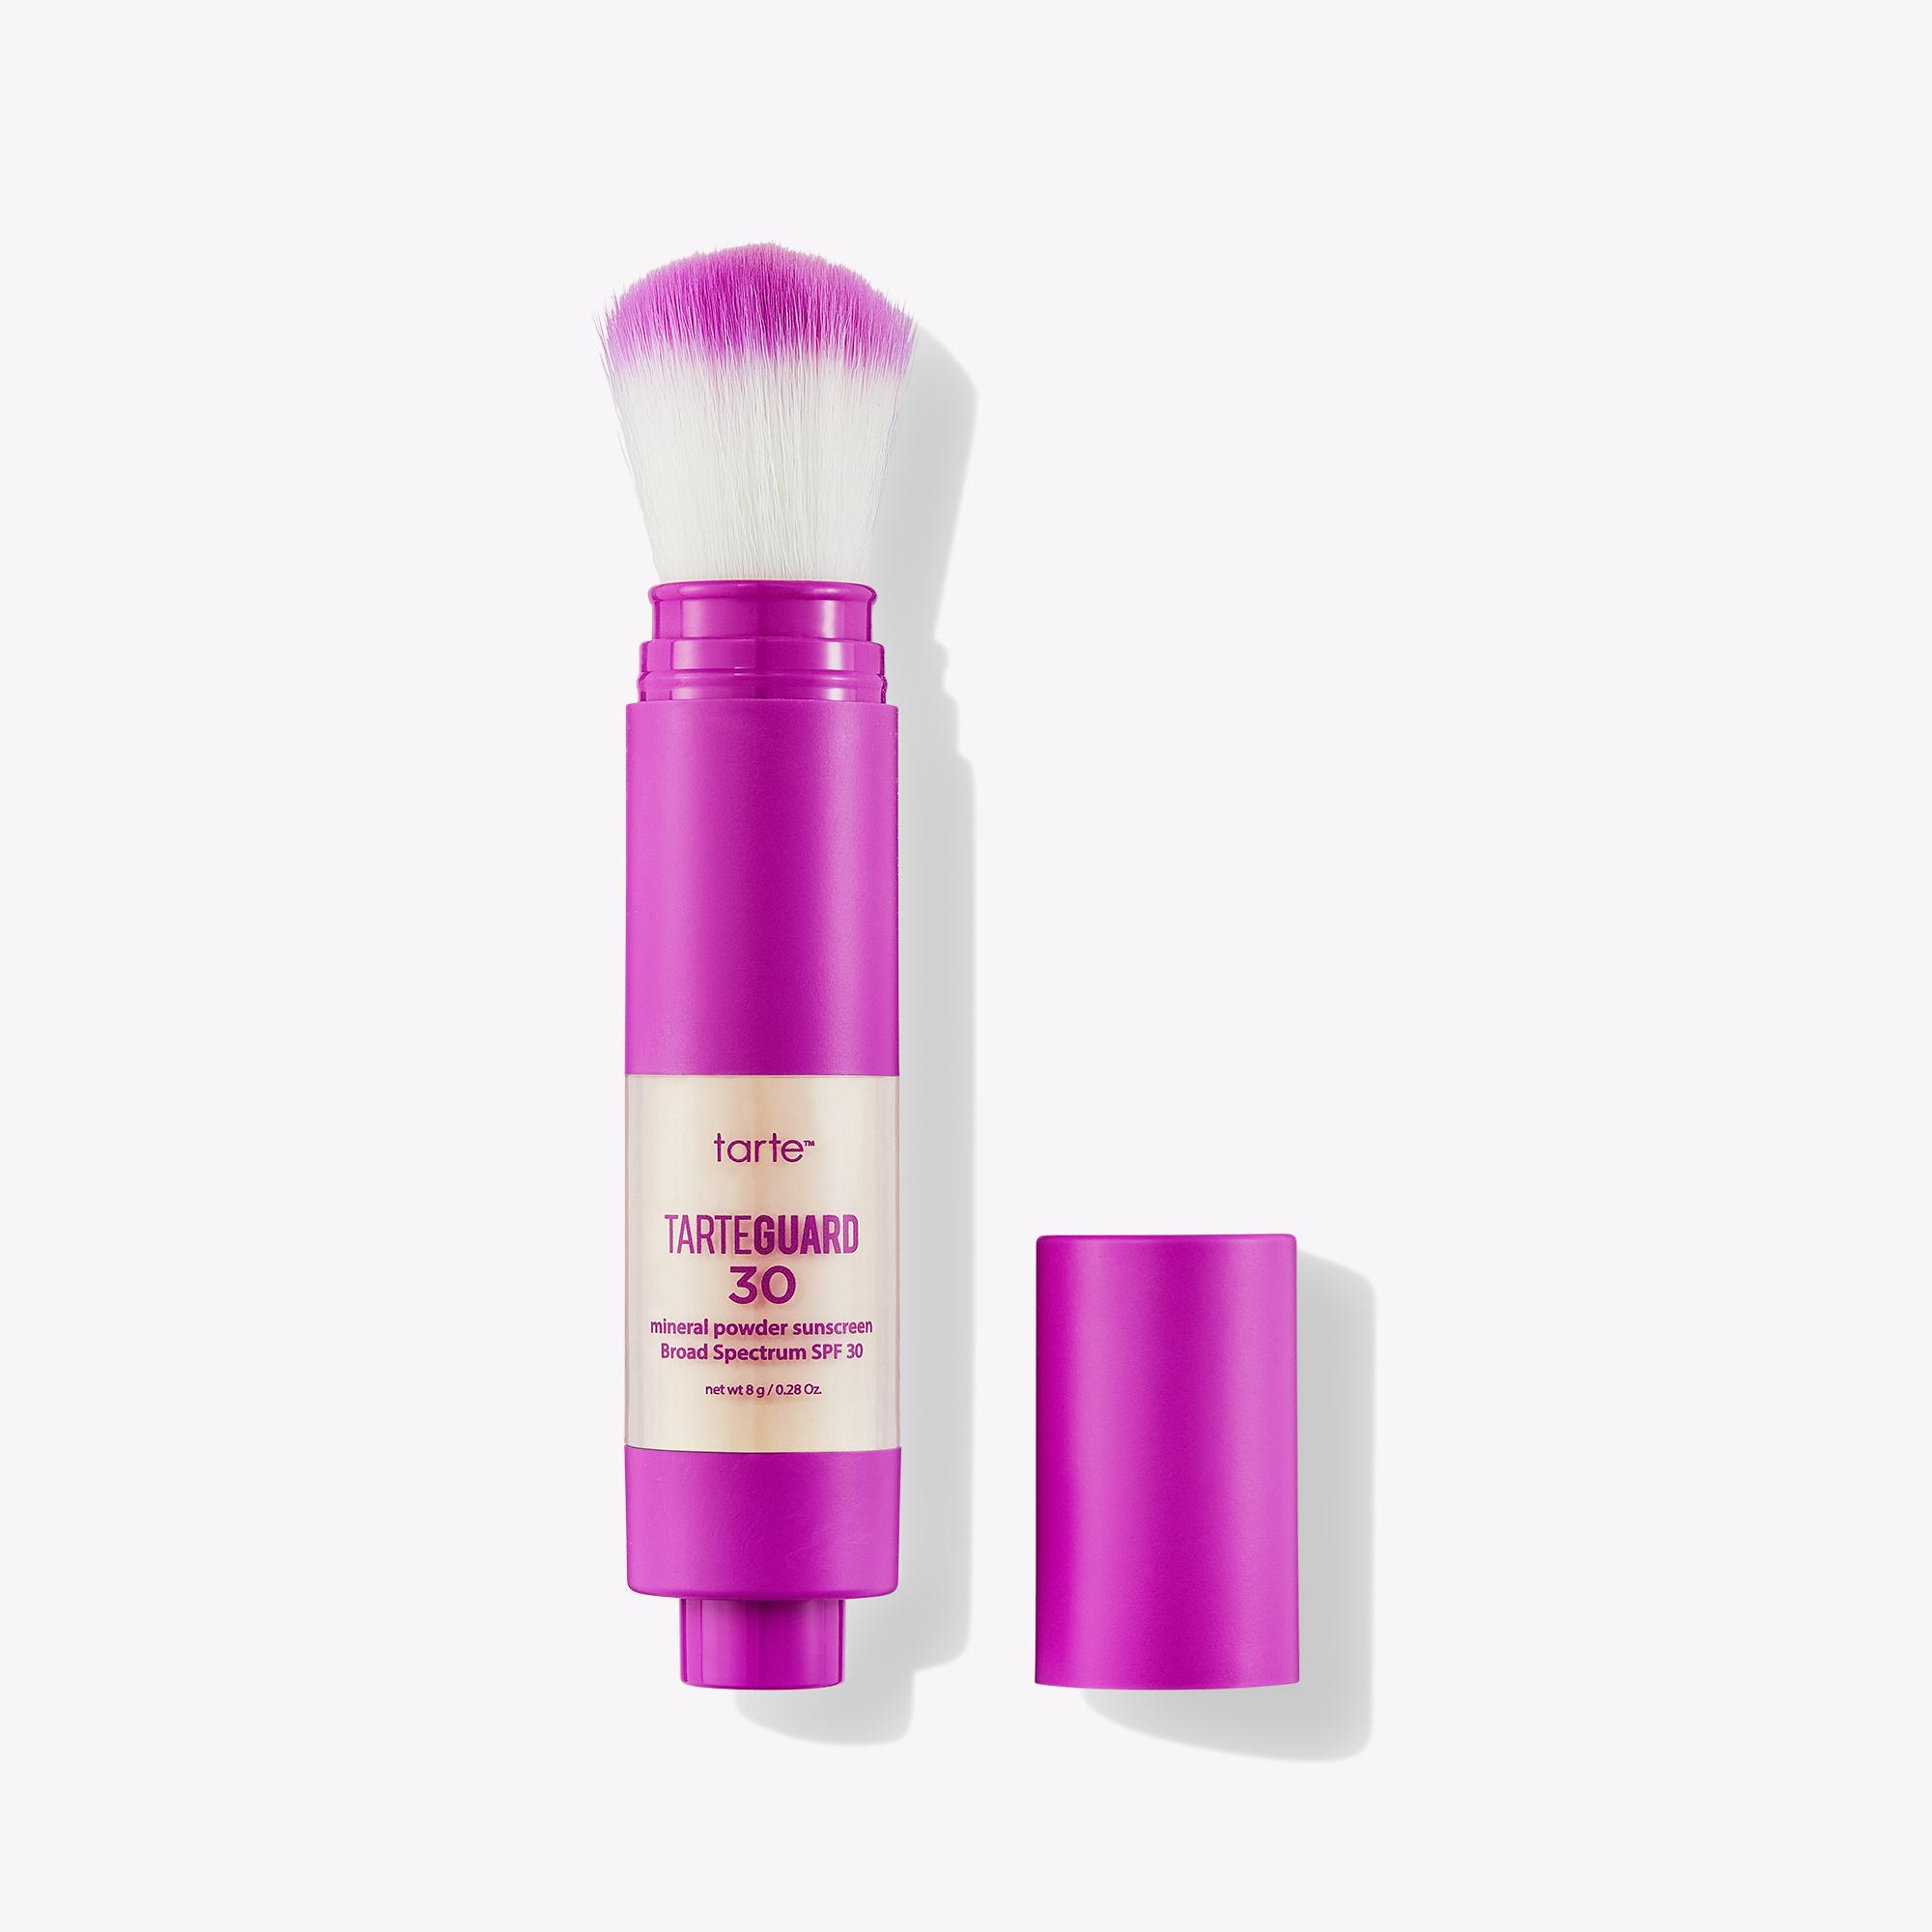 Tarteguard 30 Mineral Powder Sunscreen